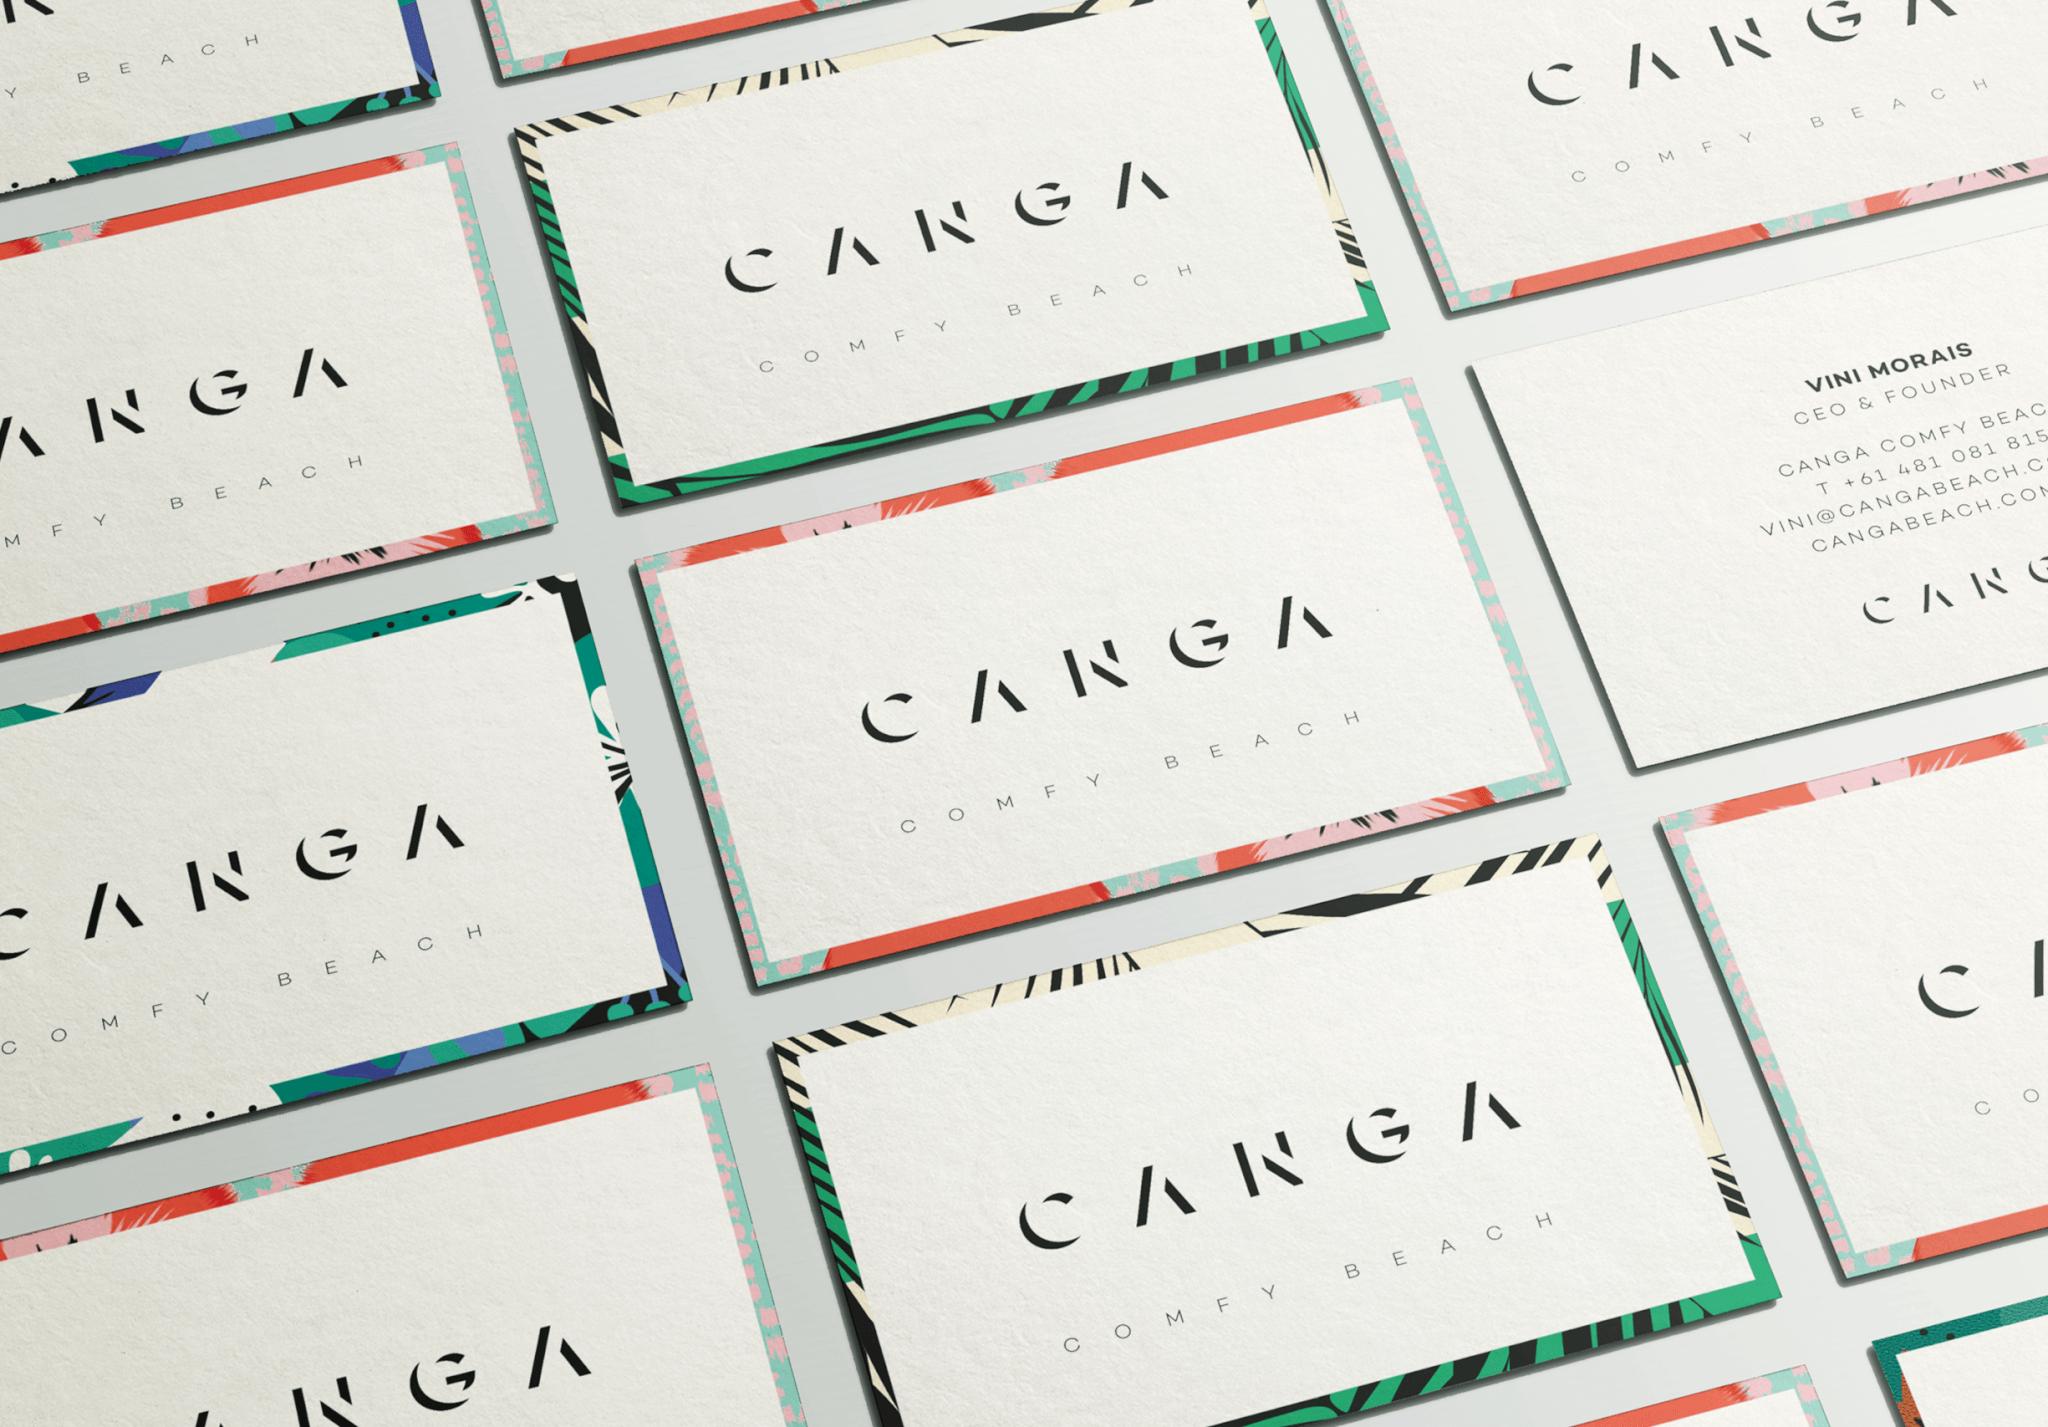 Canga-04